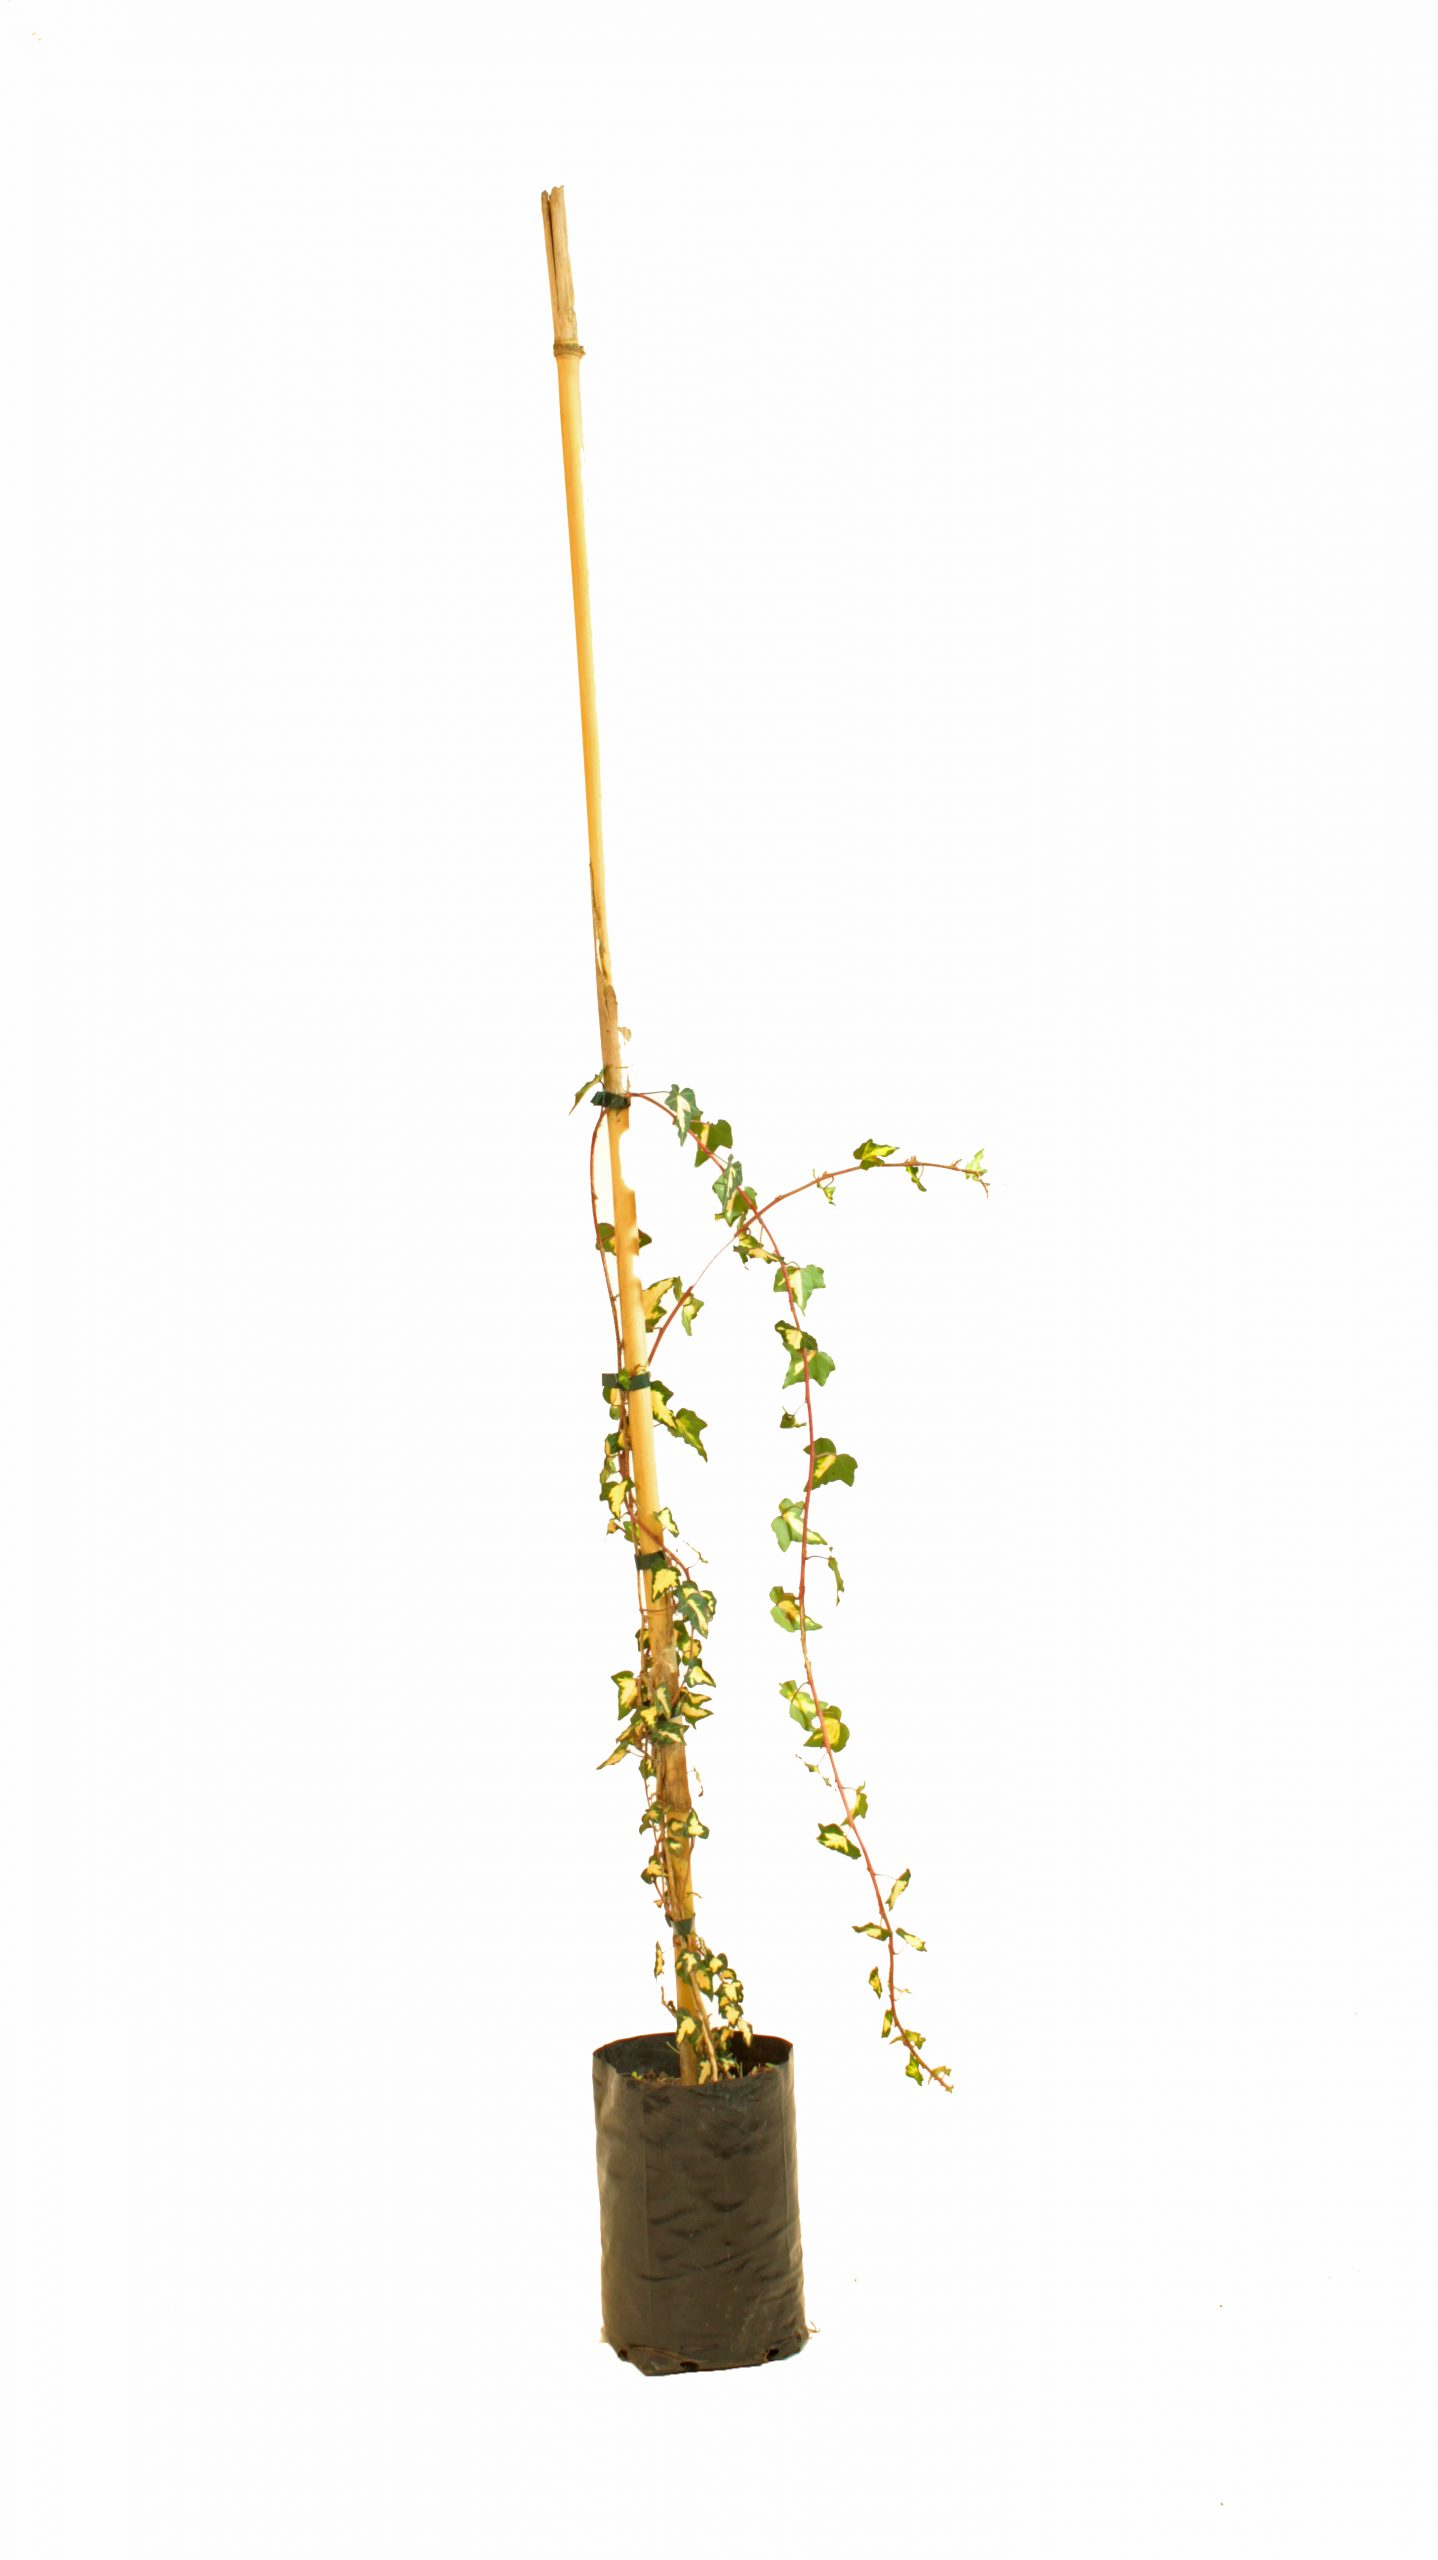 Hiedra golden kolibrí en envase de 4 litros